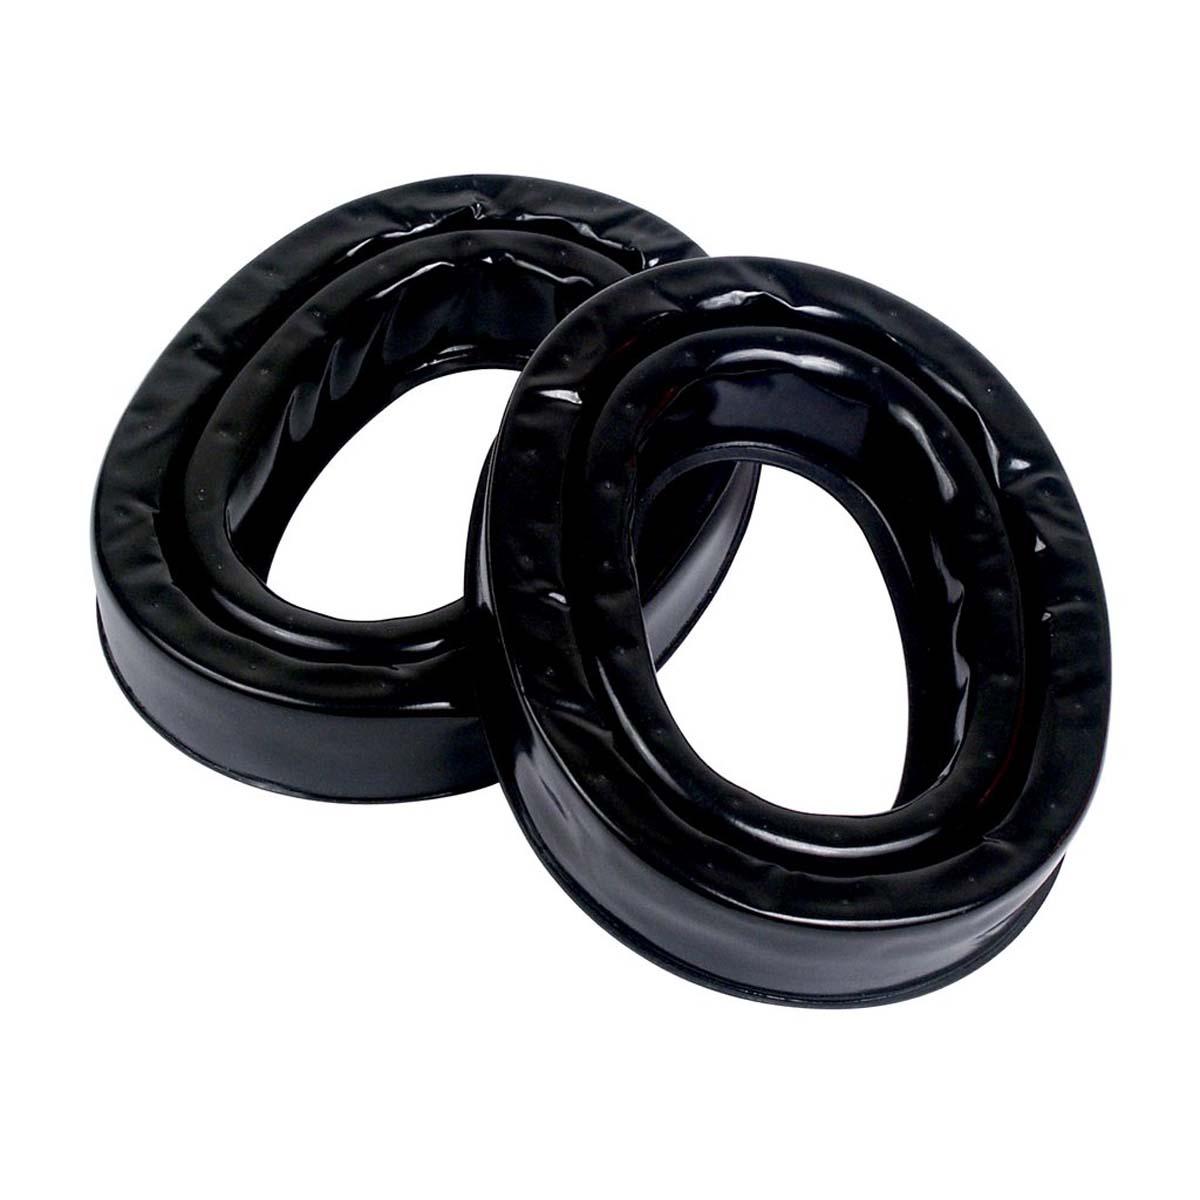 3M PELTOR Camelback Gel Sealing Rings HY80